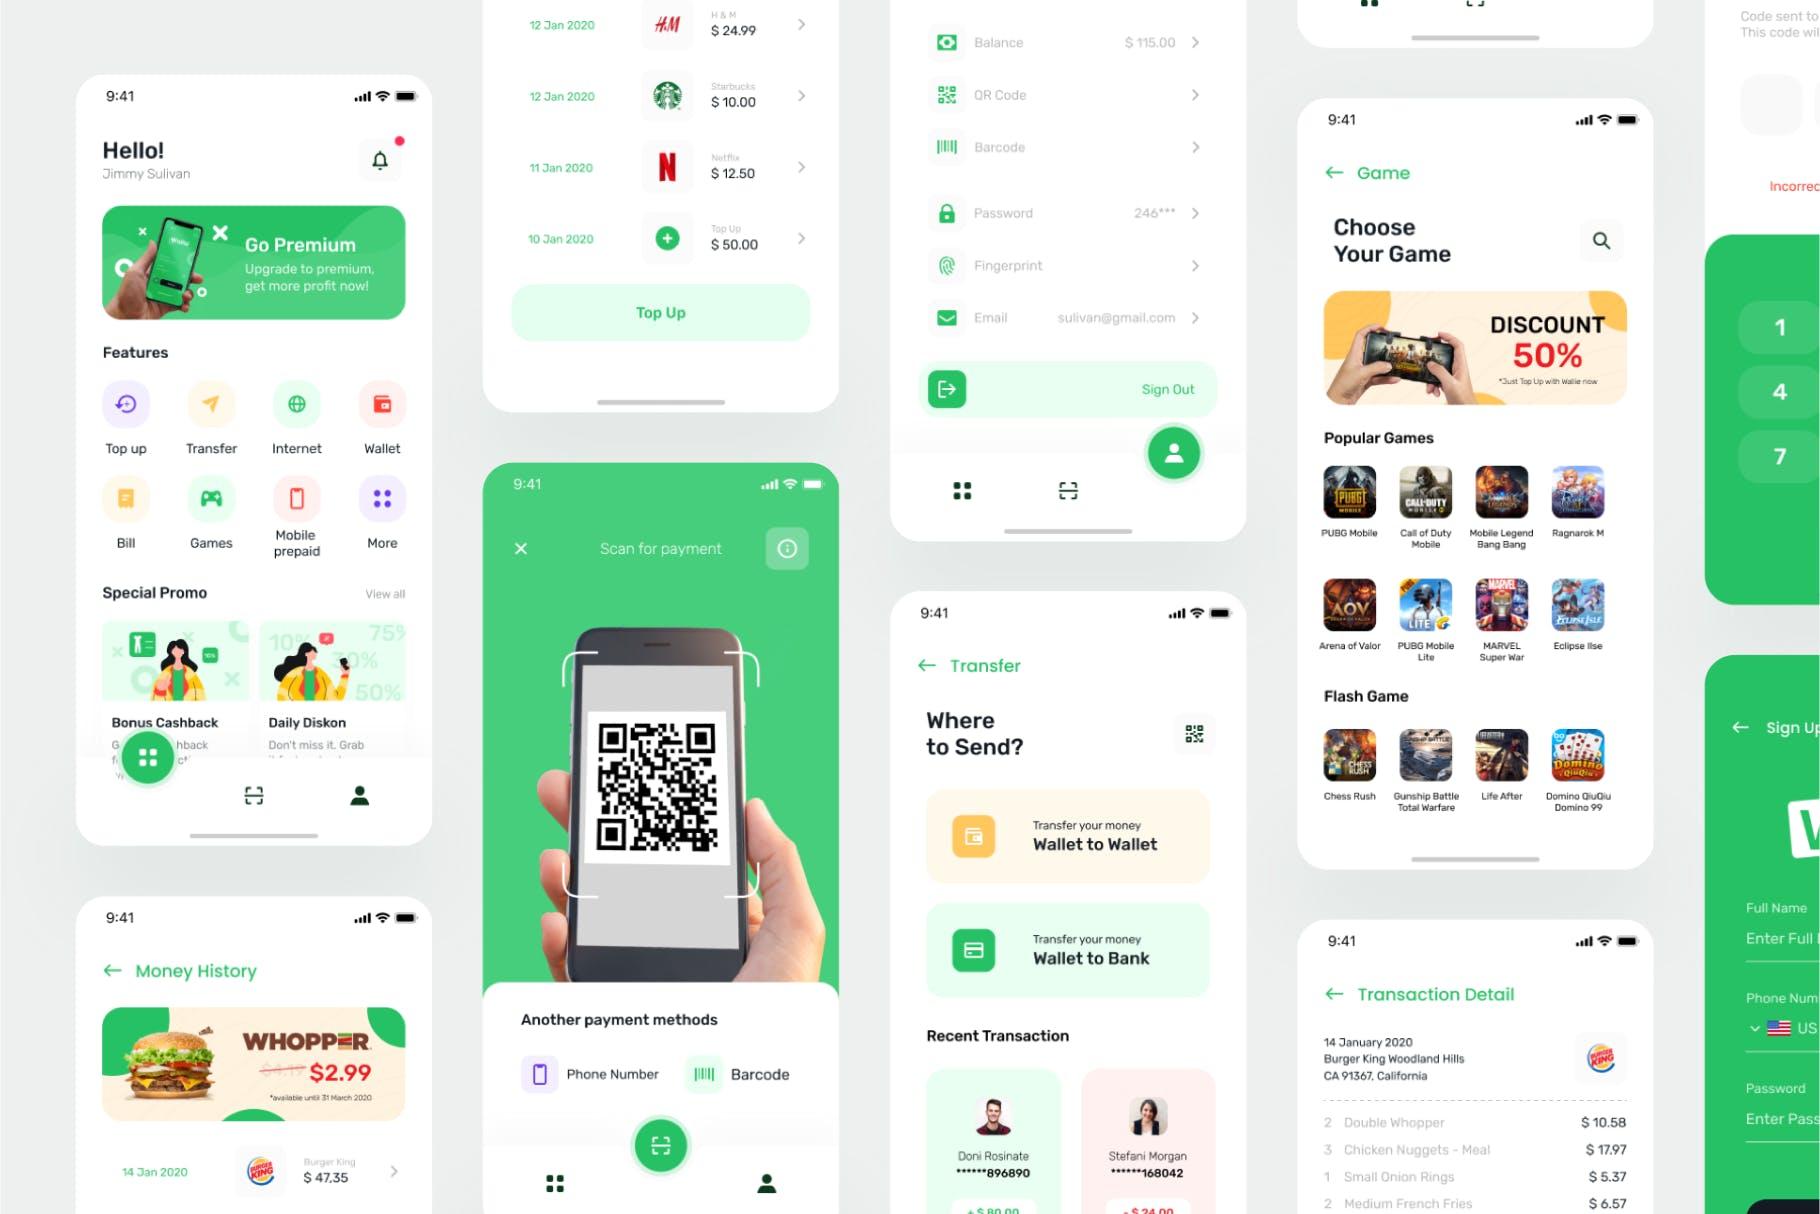 数字钱包金融区块链产品设计模板 Apps UI Kit designshidai_ui126